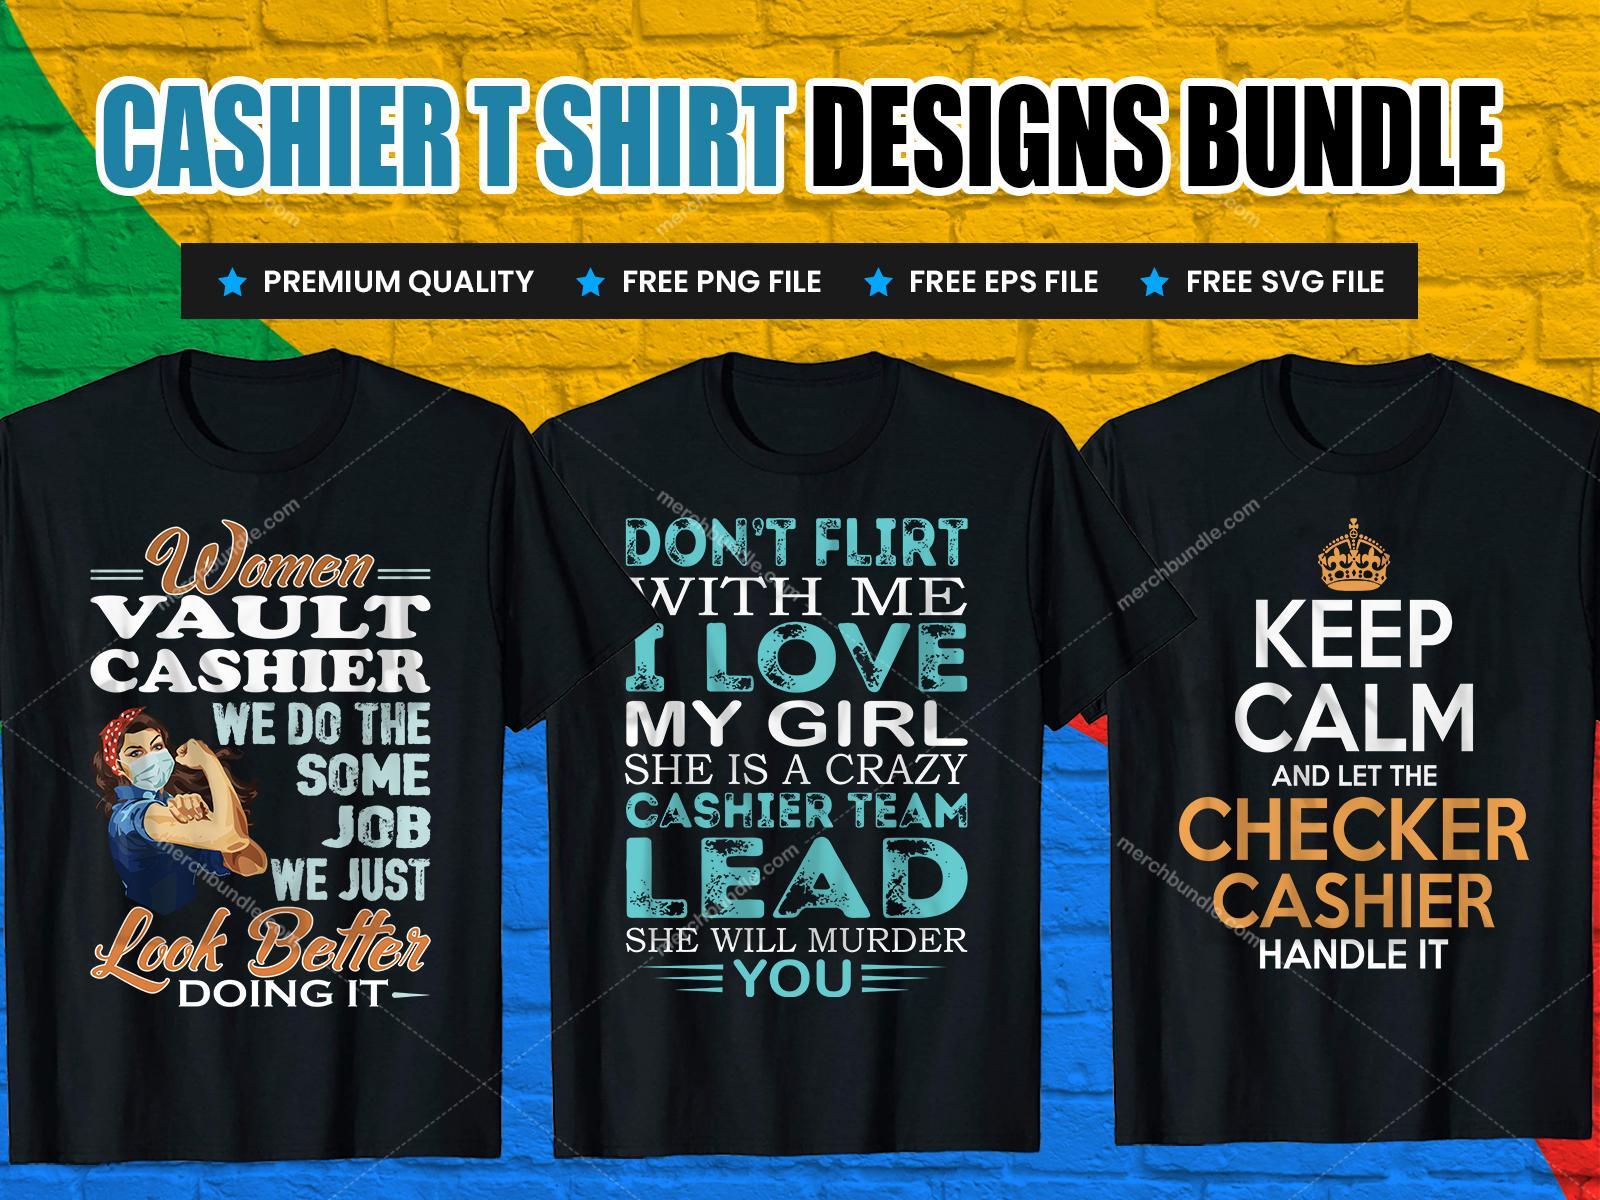 Cashier t shirt design